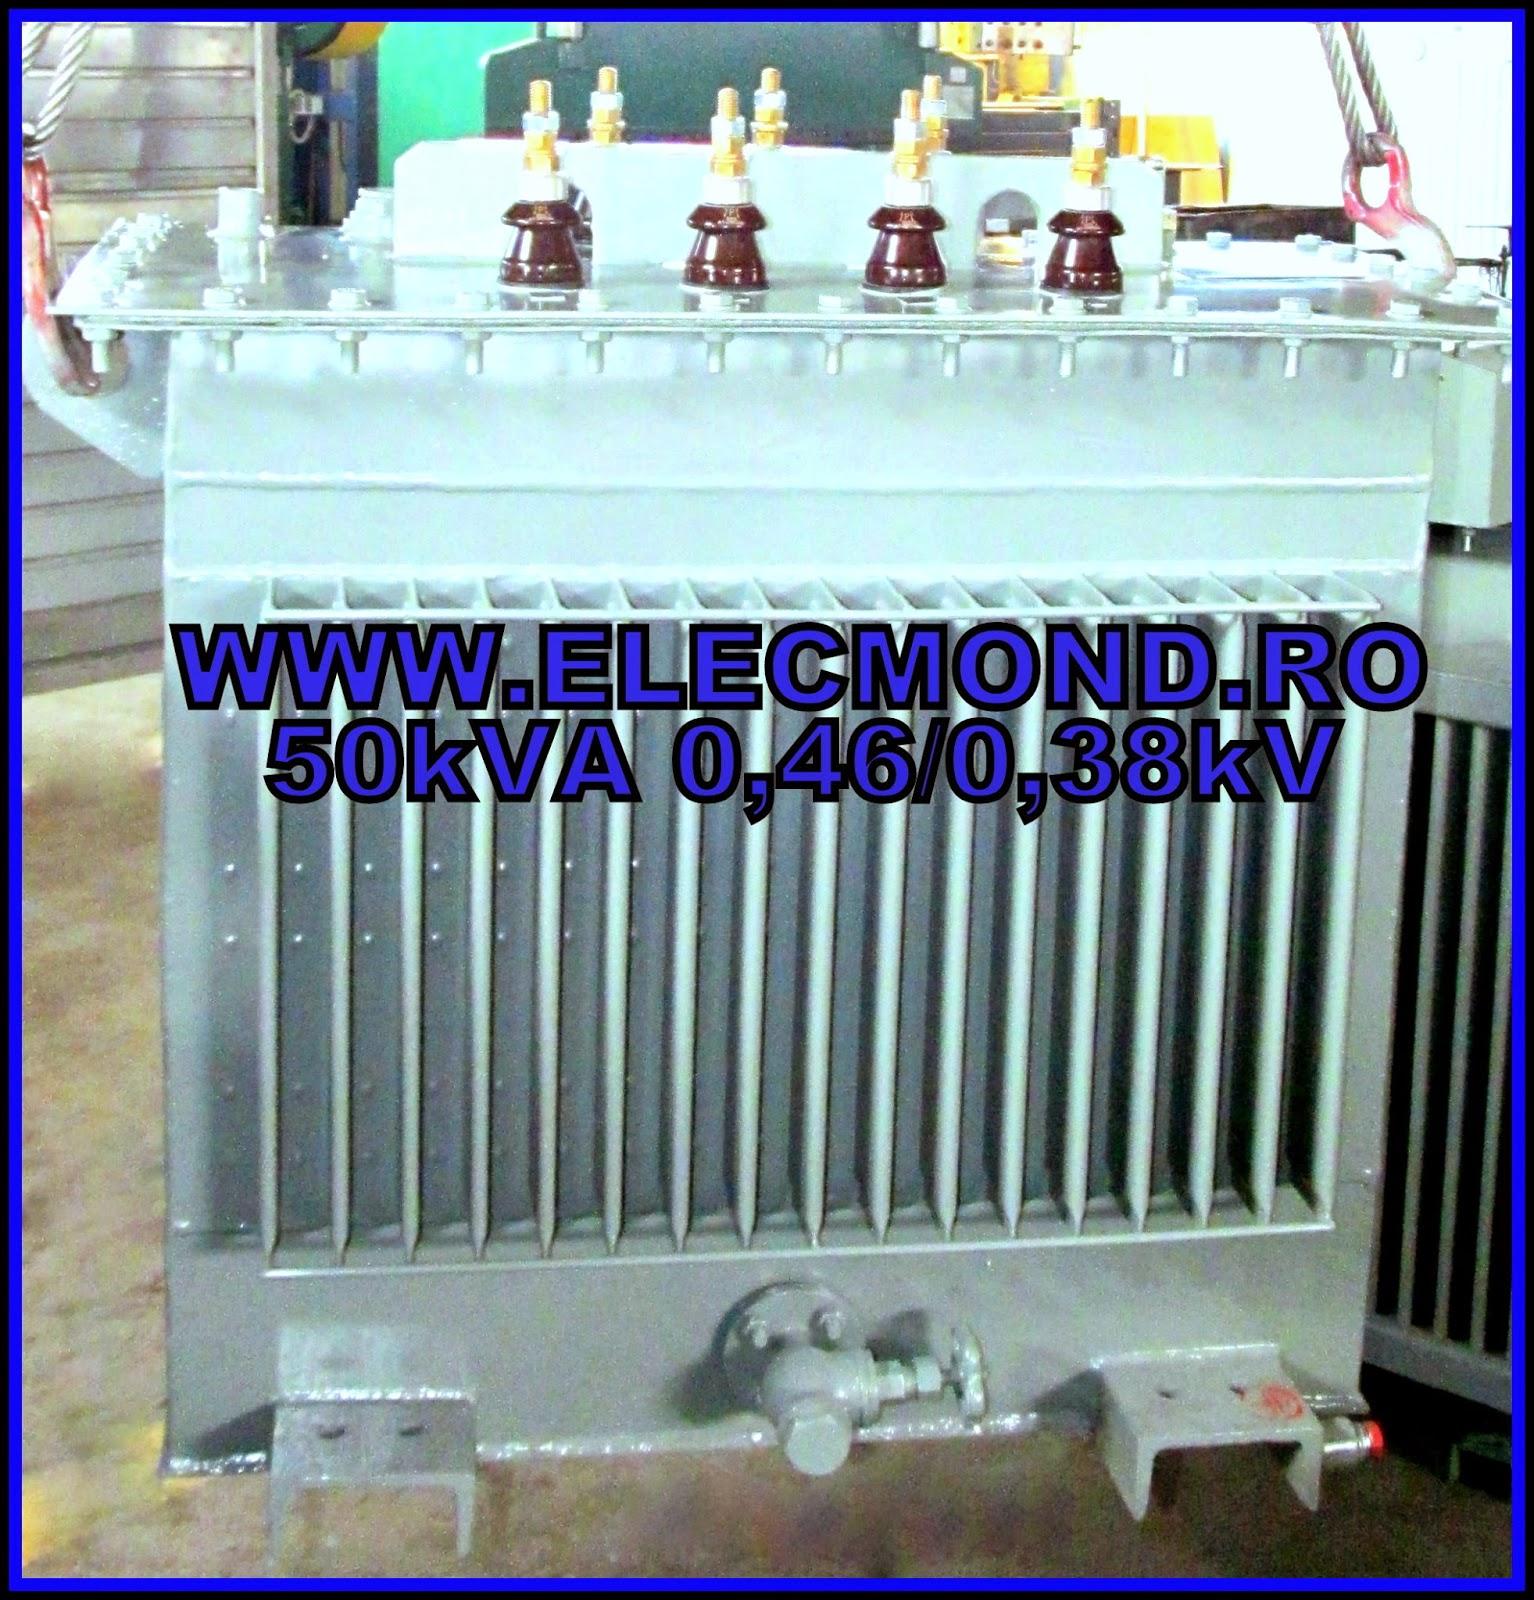 #TRANSFORMATOR 50kVA 0,46/0,38kV ,#TRANSFORMATOR 175kVA 0,46/0,38kV , transformatoare speciale , elecmond , transformatoare de distributie , transformatoare electrice